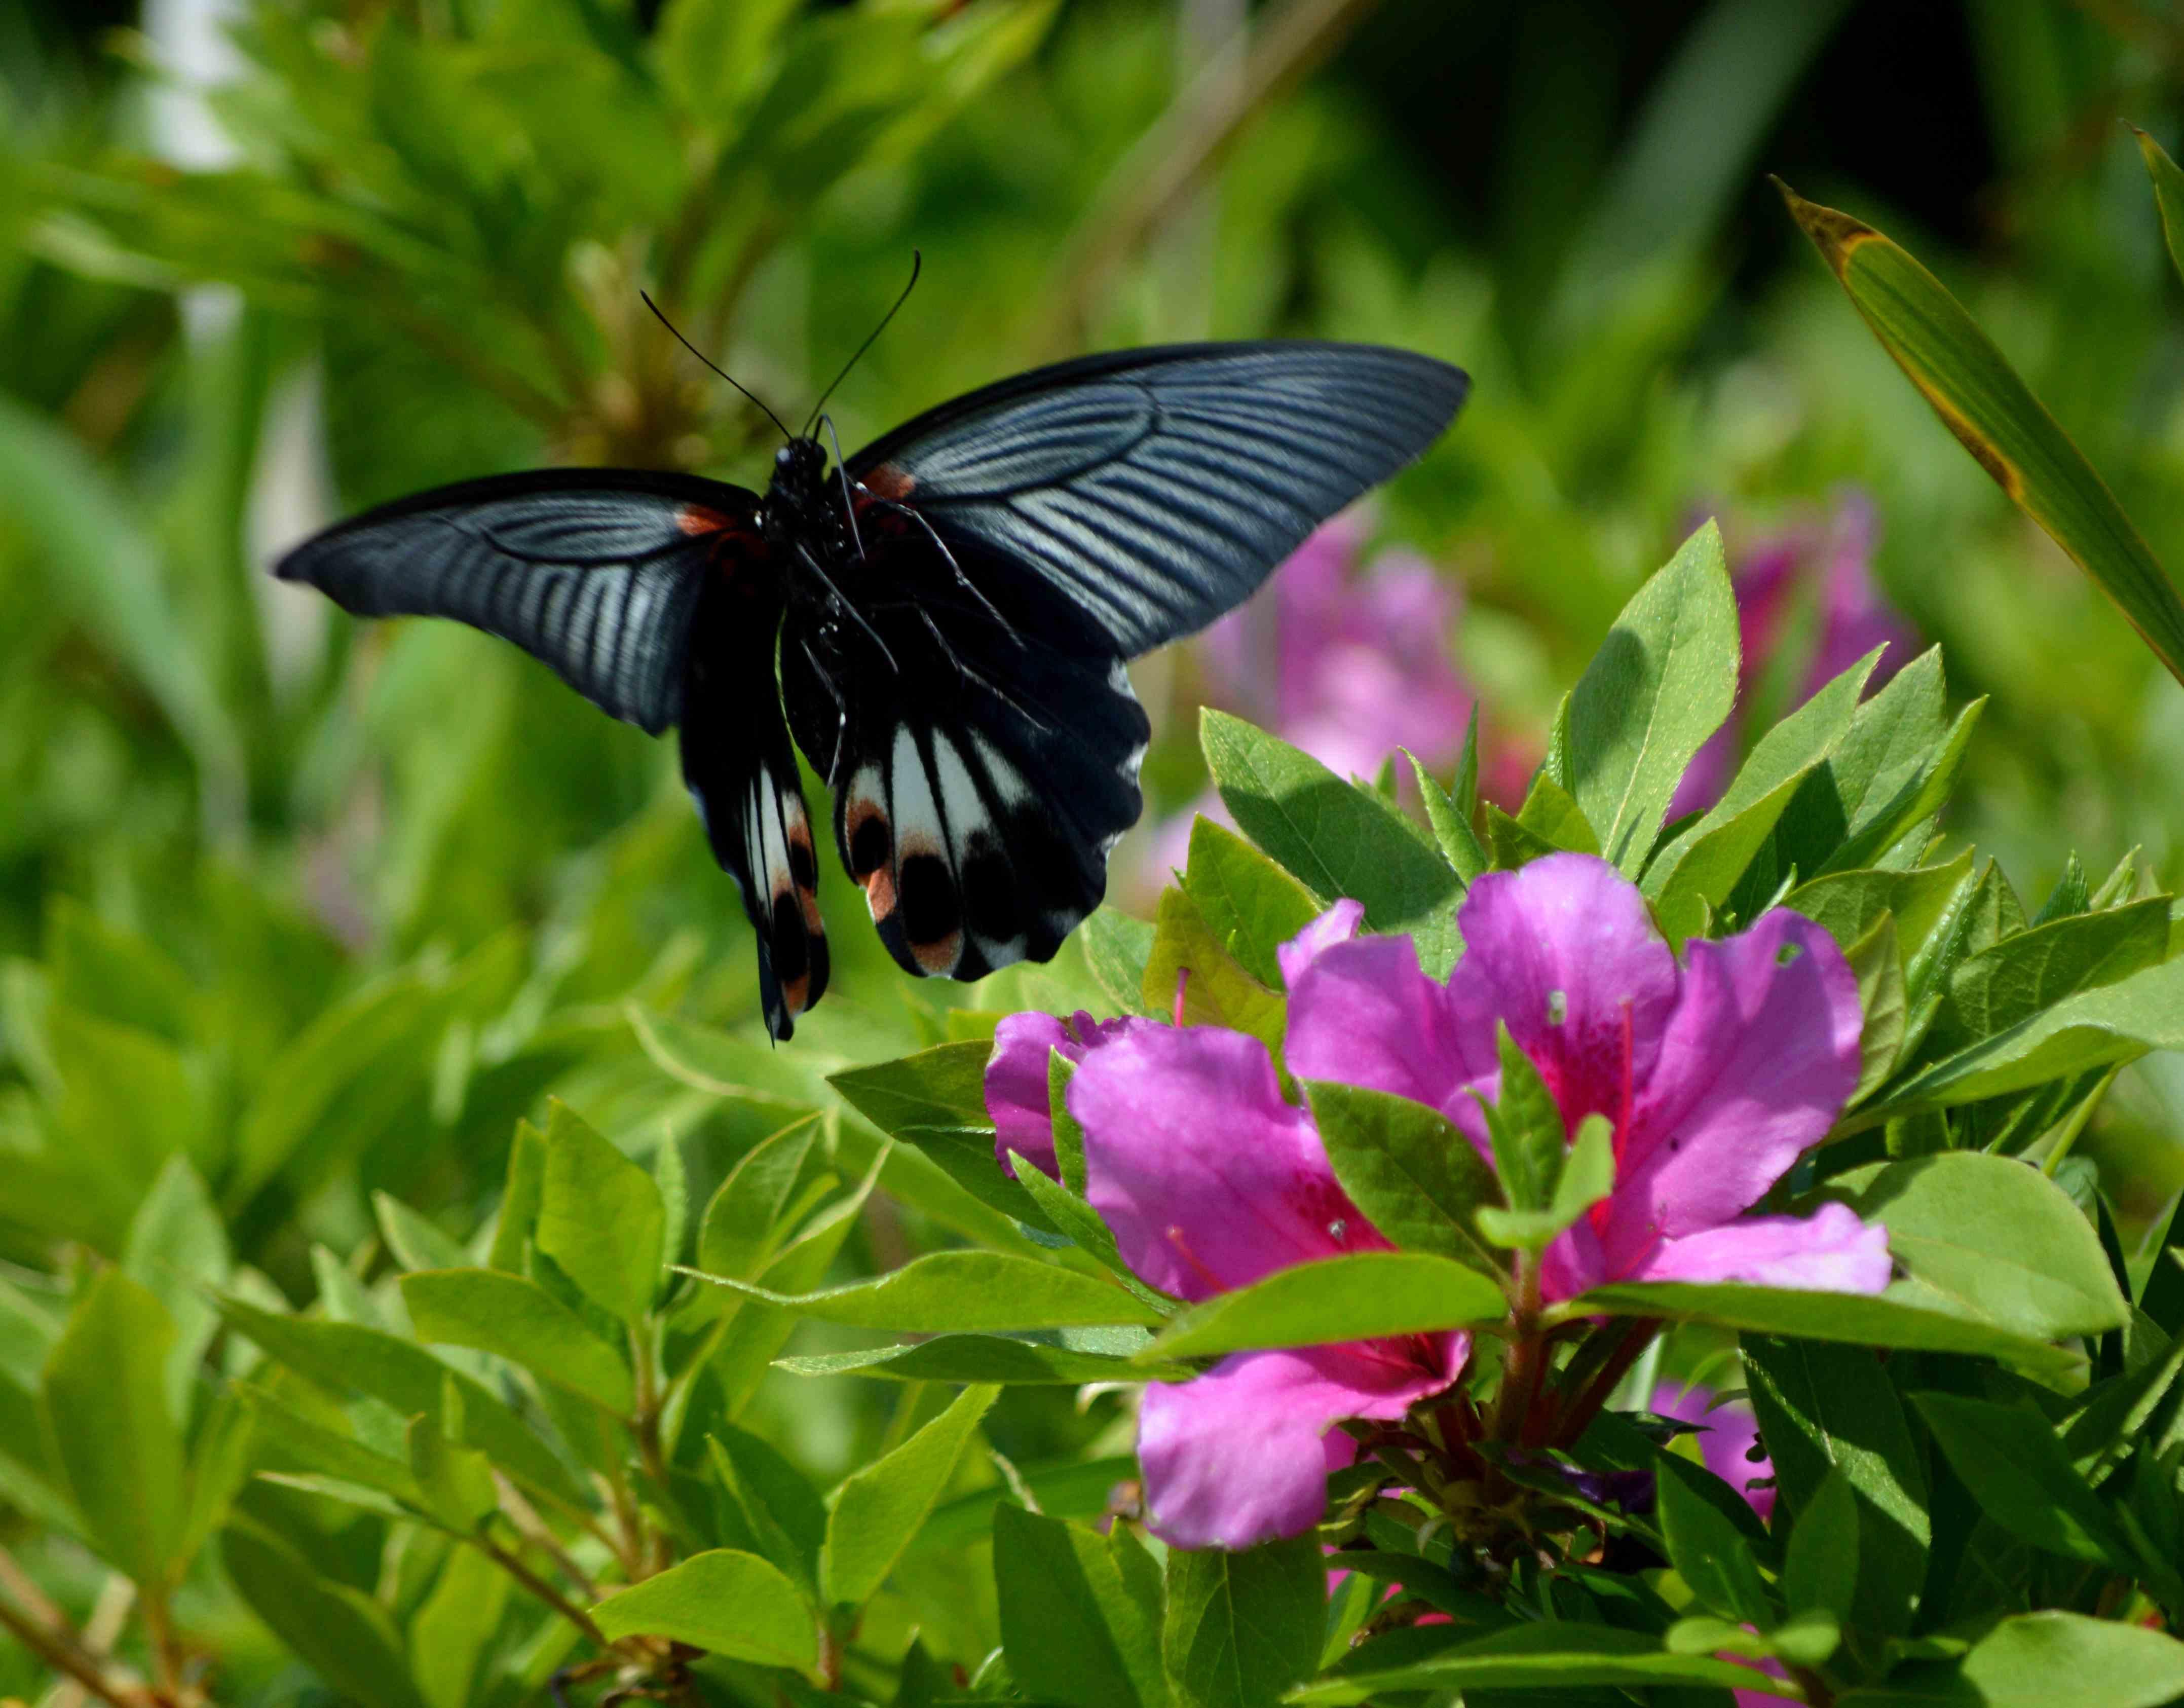 ナガサキアゲハ 5月2日ツツジの咲く公園にて_d0254540_3461569.jpg